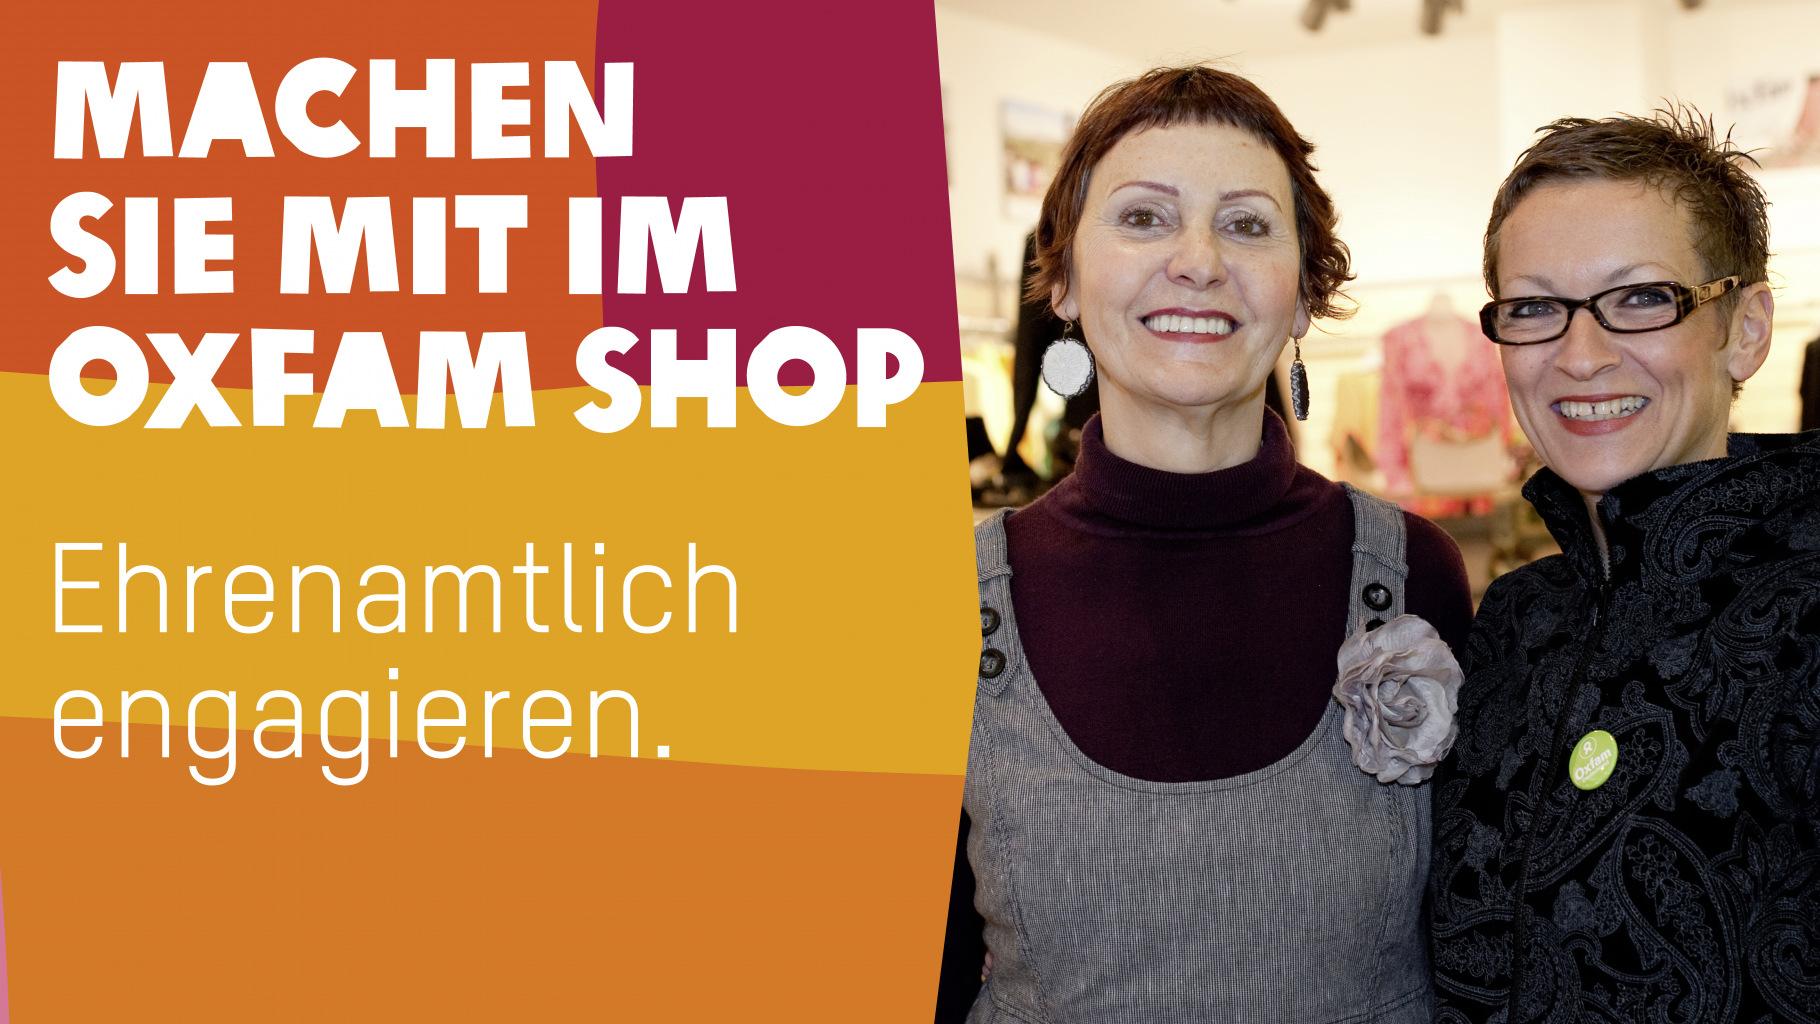 Ehrenamlich im Oxfam Shop mitmachen